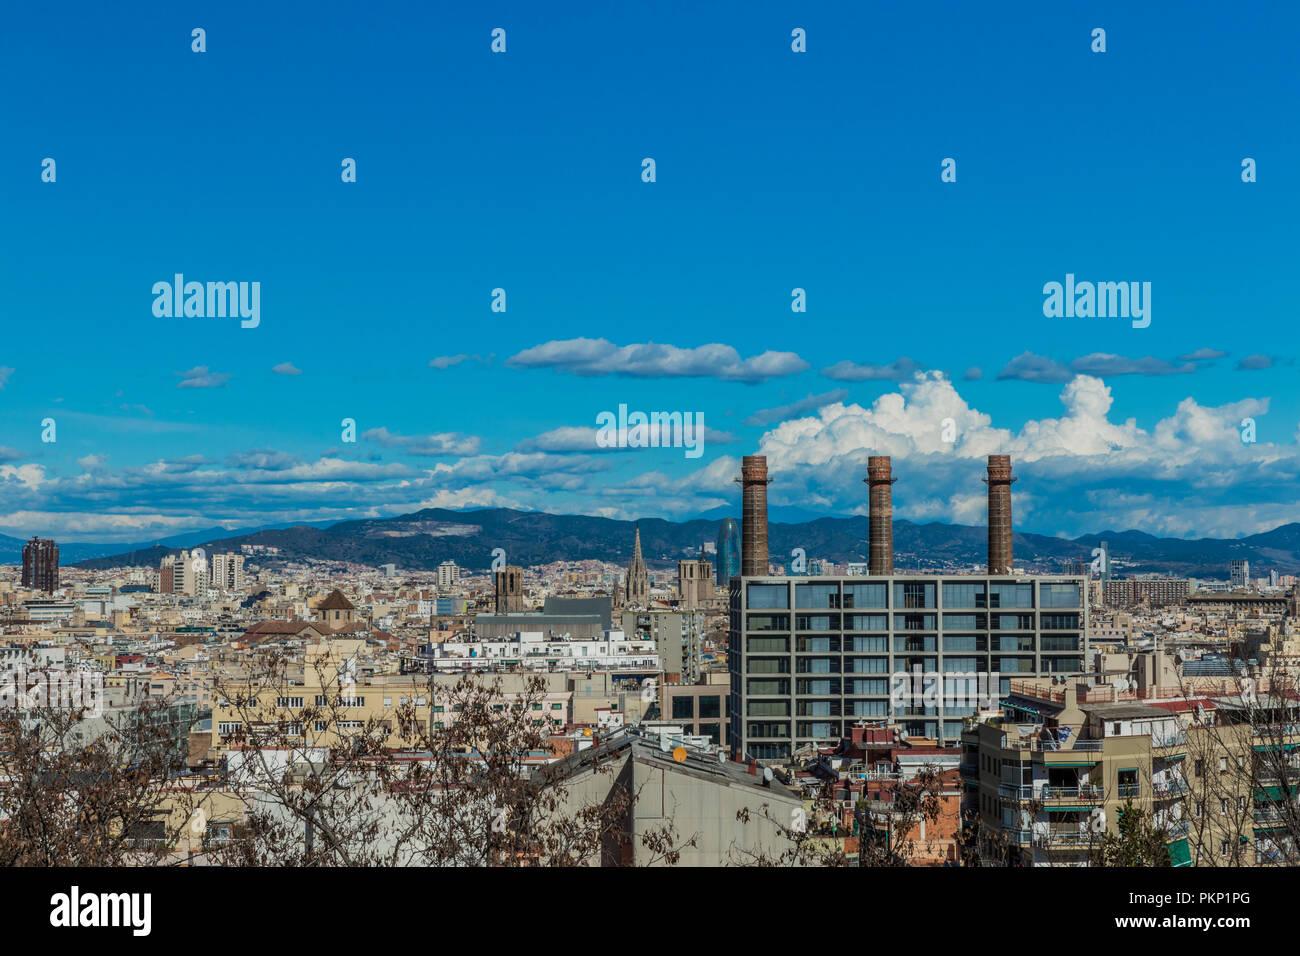 Una bellissima vista di una parte di Barcellona, Spagna Immagini Stock